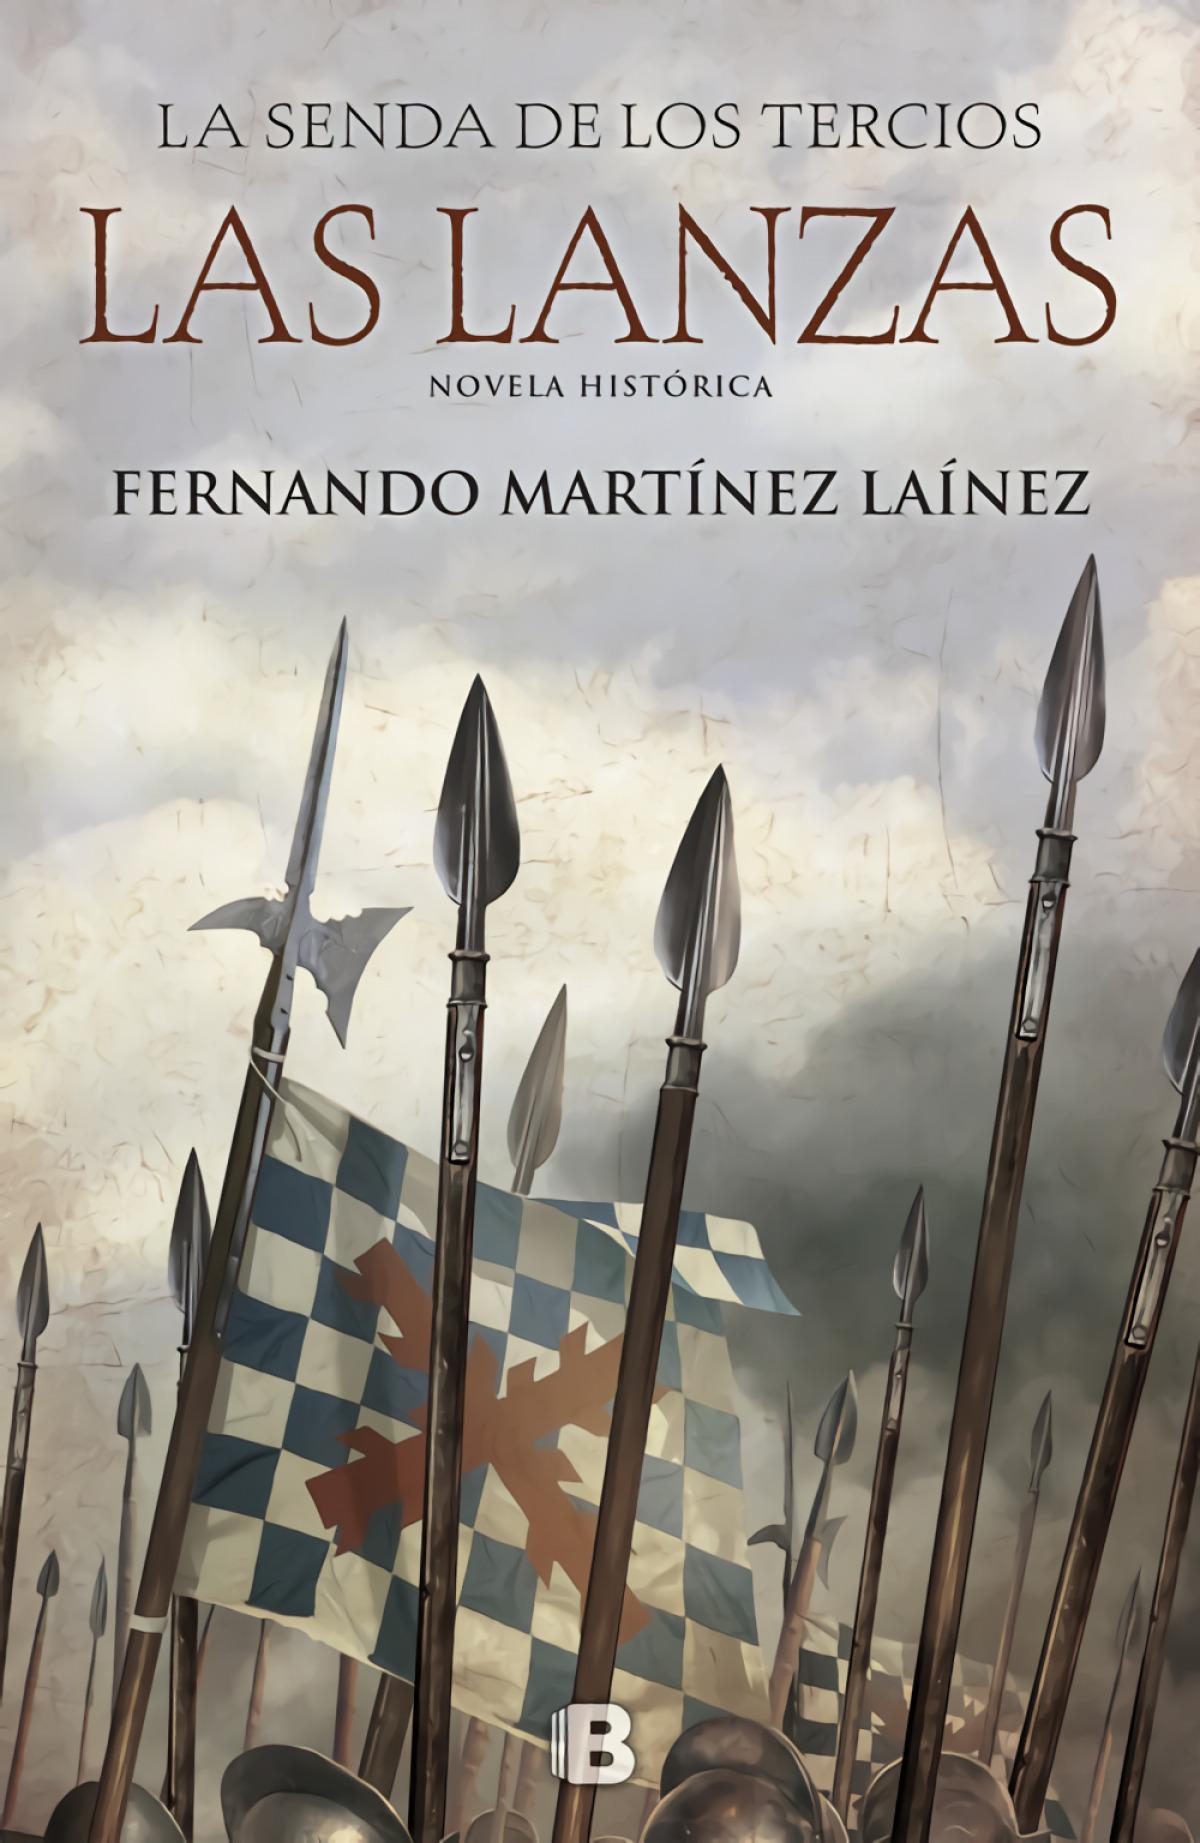 LA SENDA DE LOS TERCIOS 9788466661249